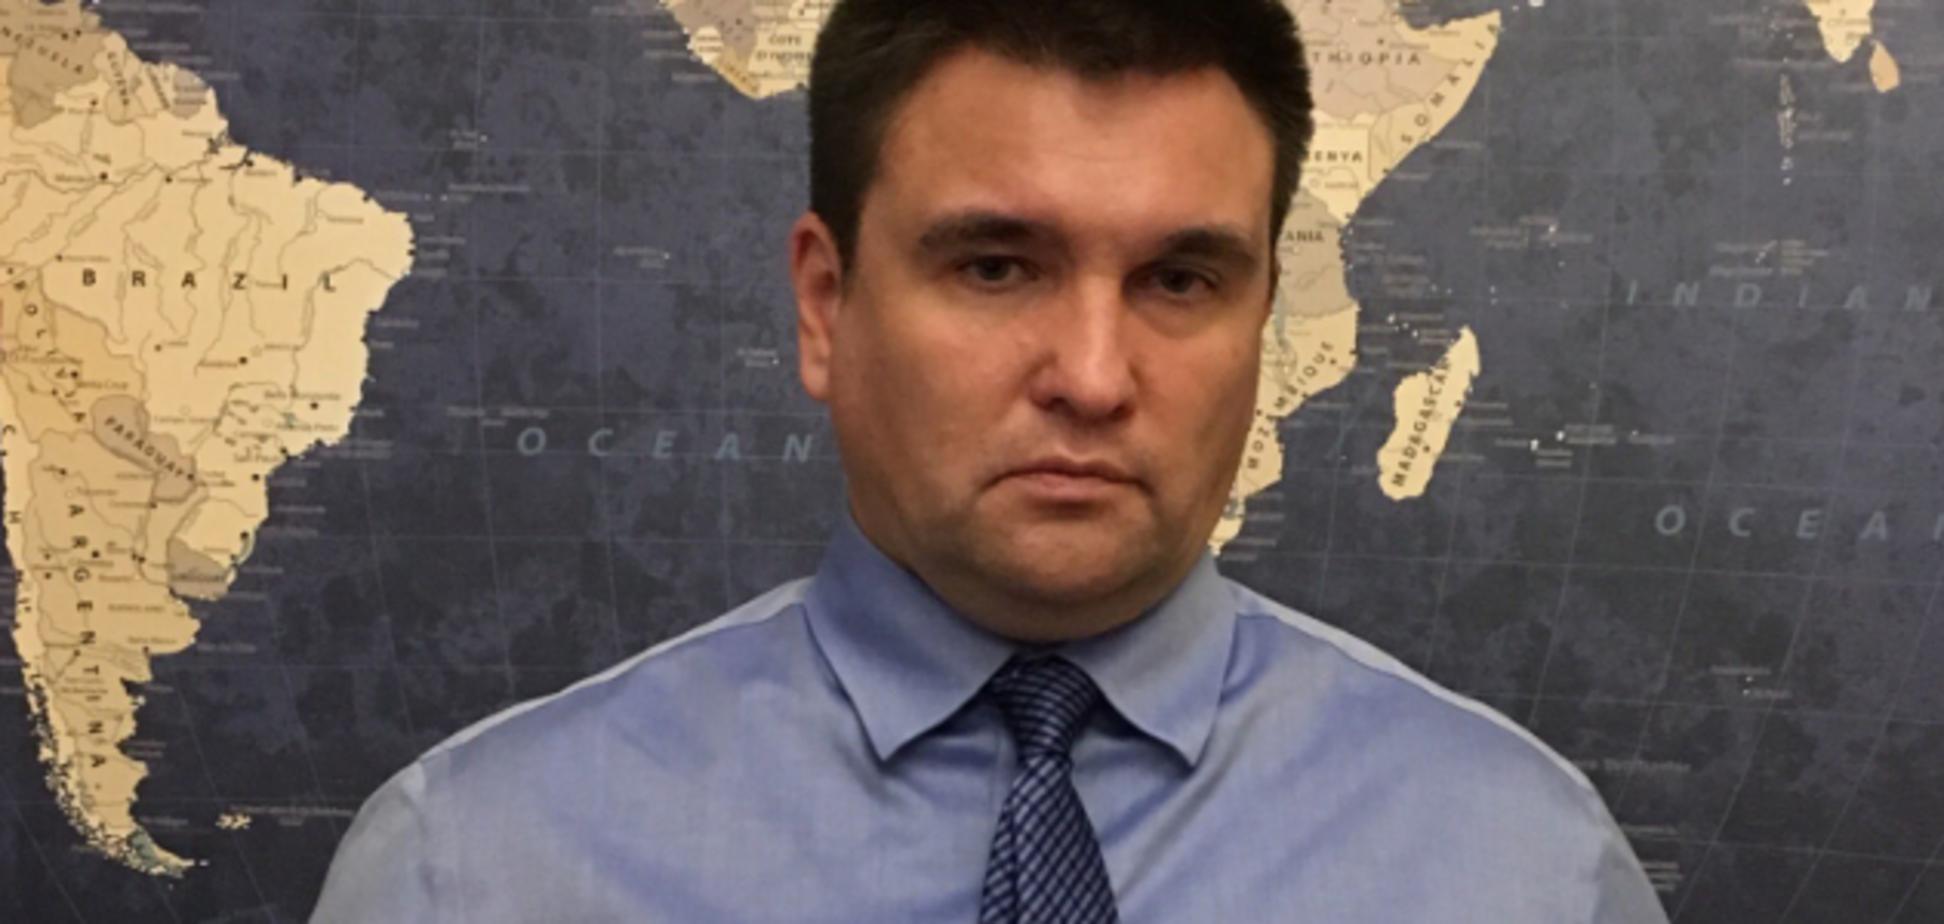 ''Очень бесит!'' Климкин вышел из себя из-за ''диванной позиции'' Запада по Украине